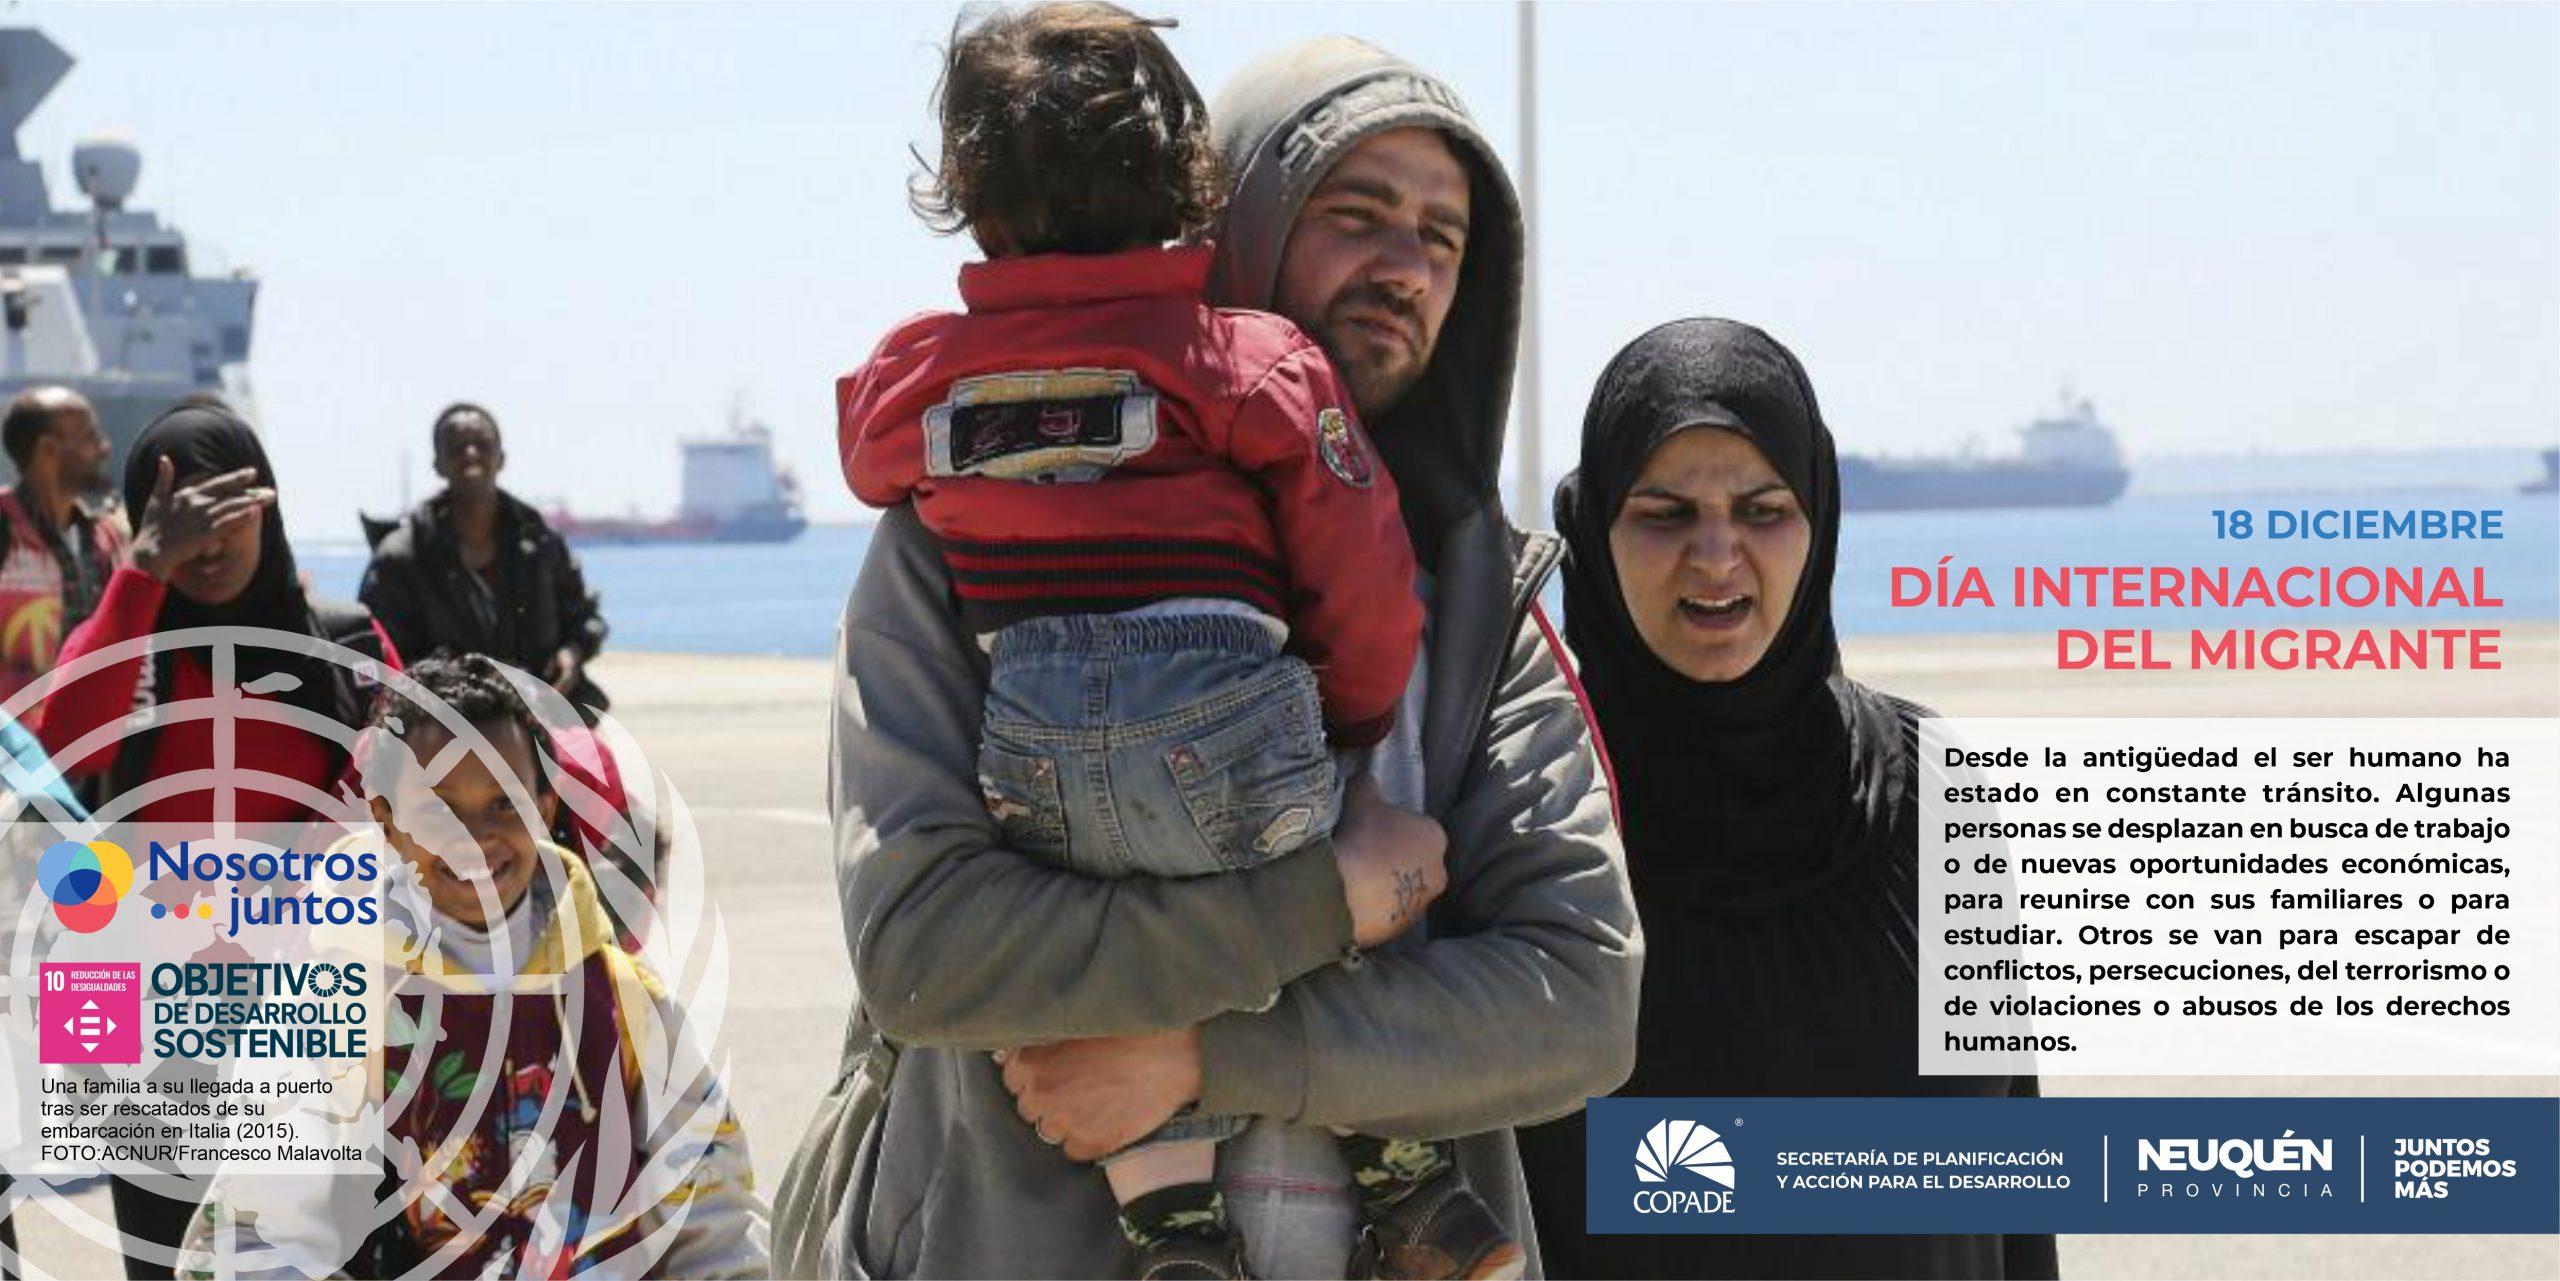 18 de diciembre | Día internacional del migrante